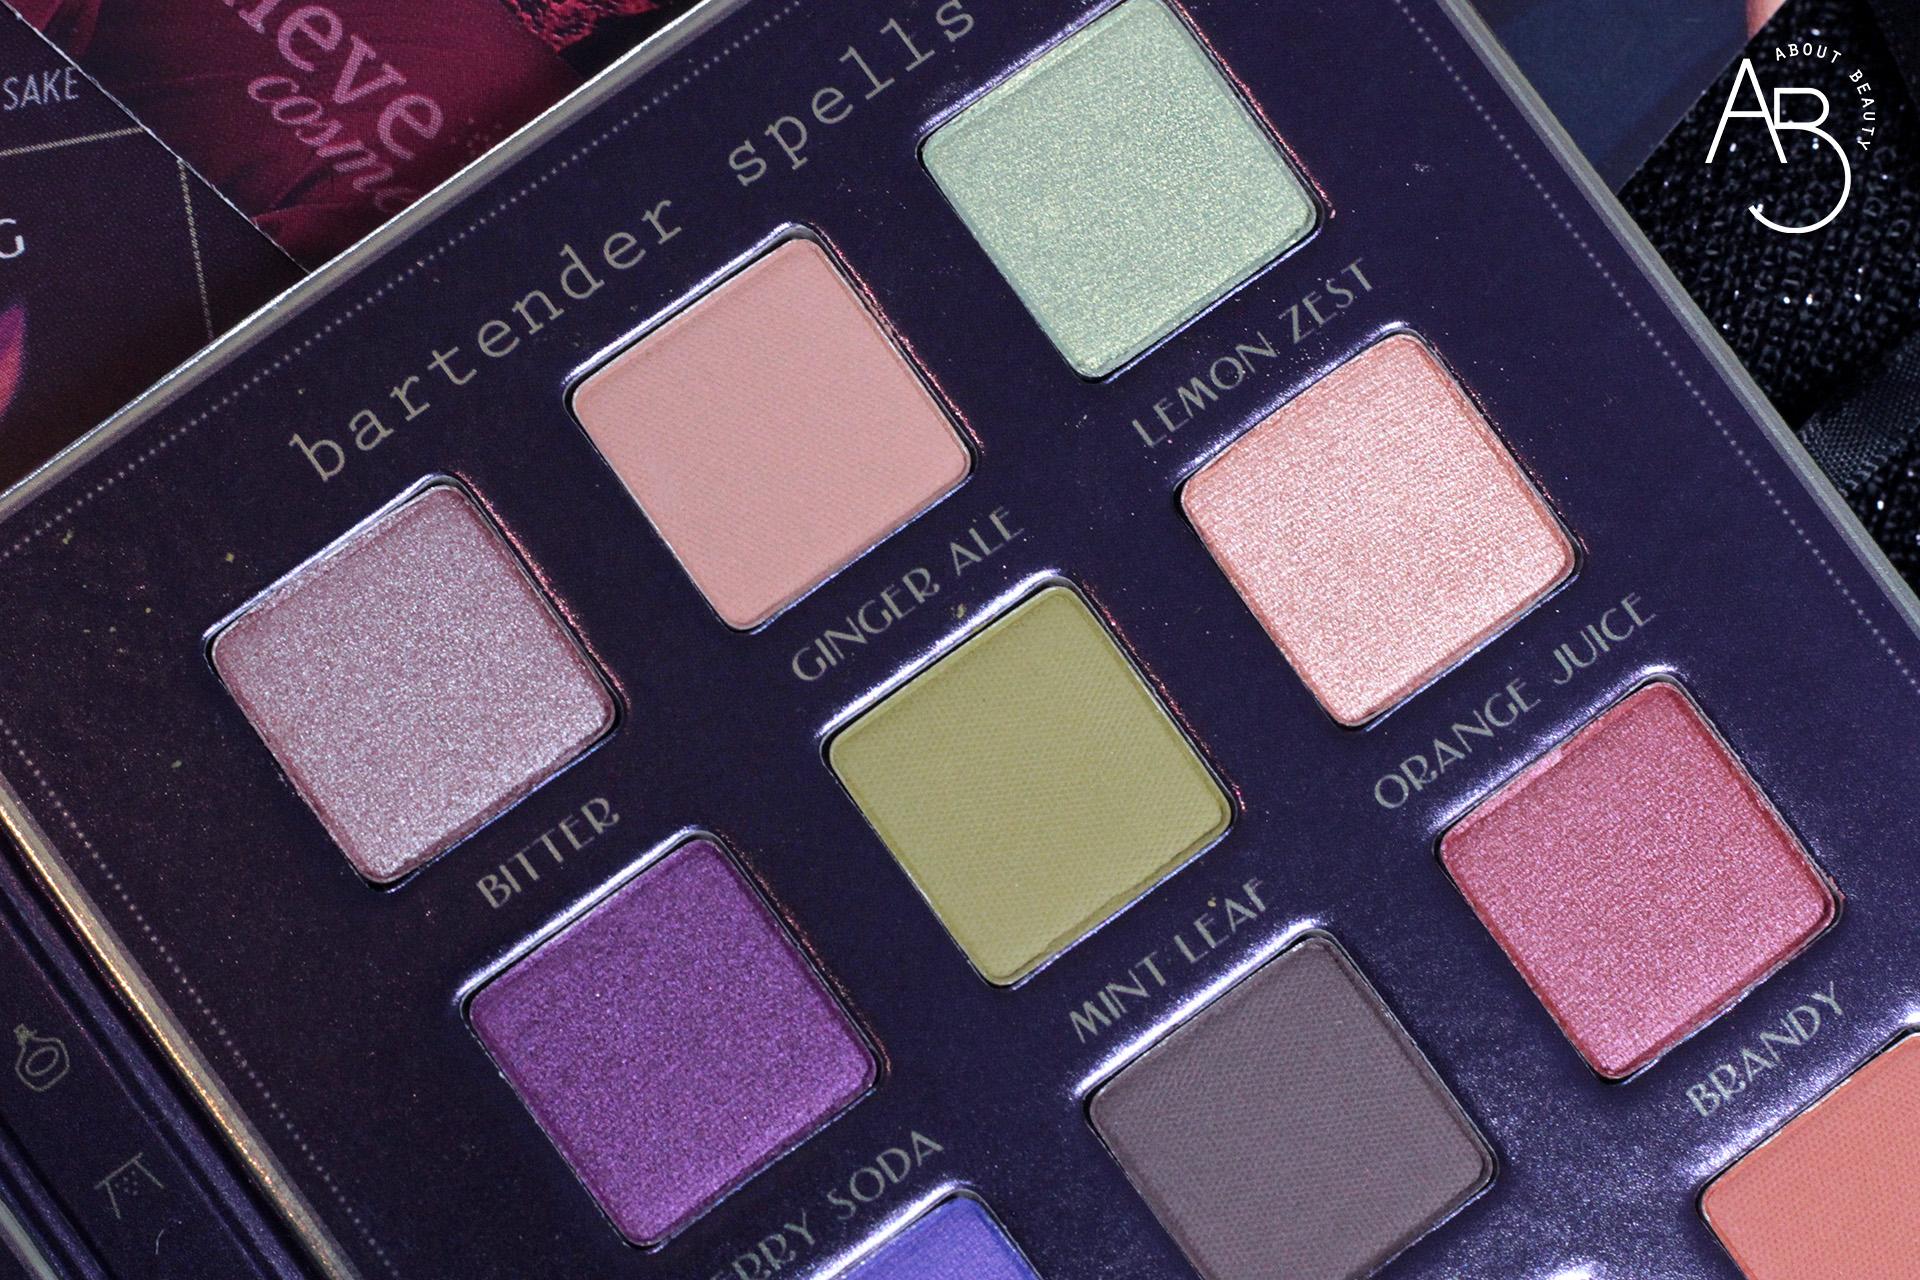 neve-cosmetics-bartender-spells-palette-ombretti-recensione-review-inci-prezzo-codice-sconto-opinioni-swatch-colori-1